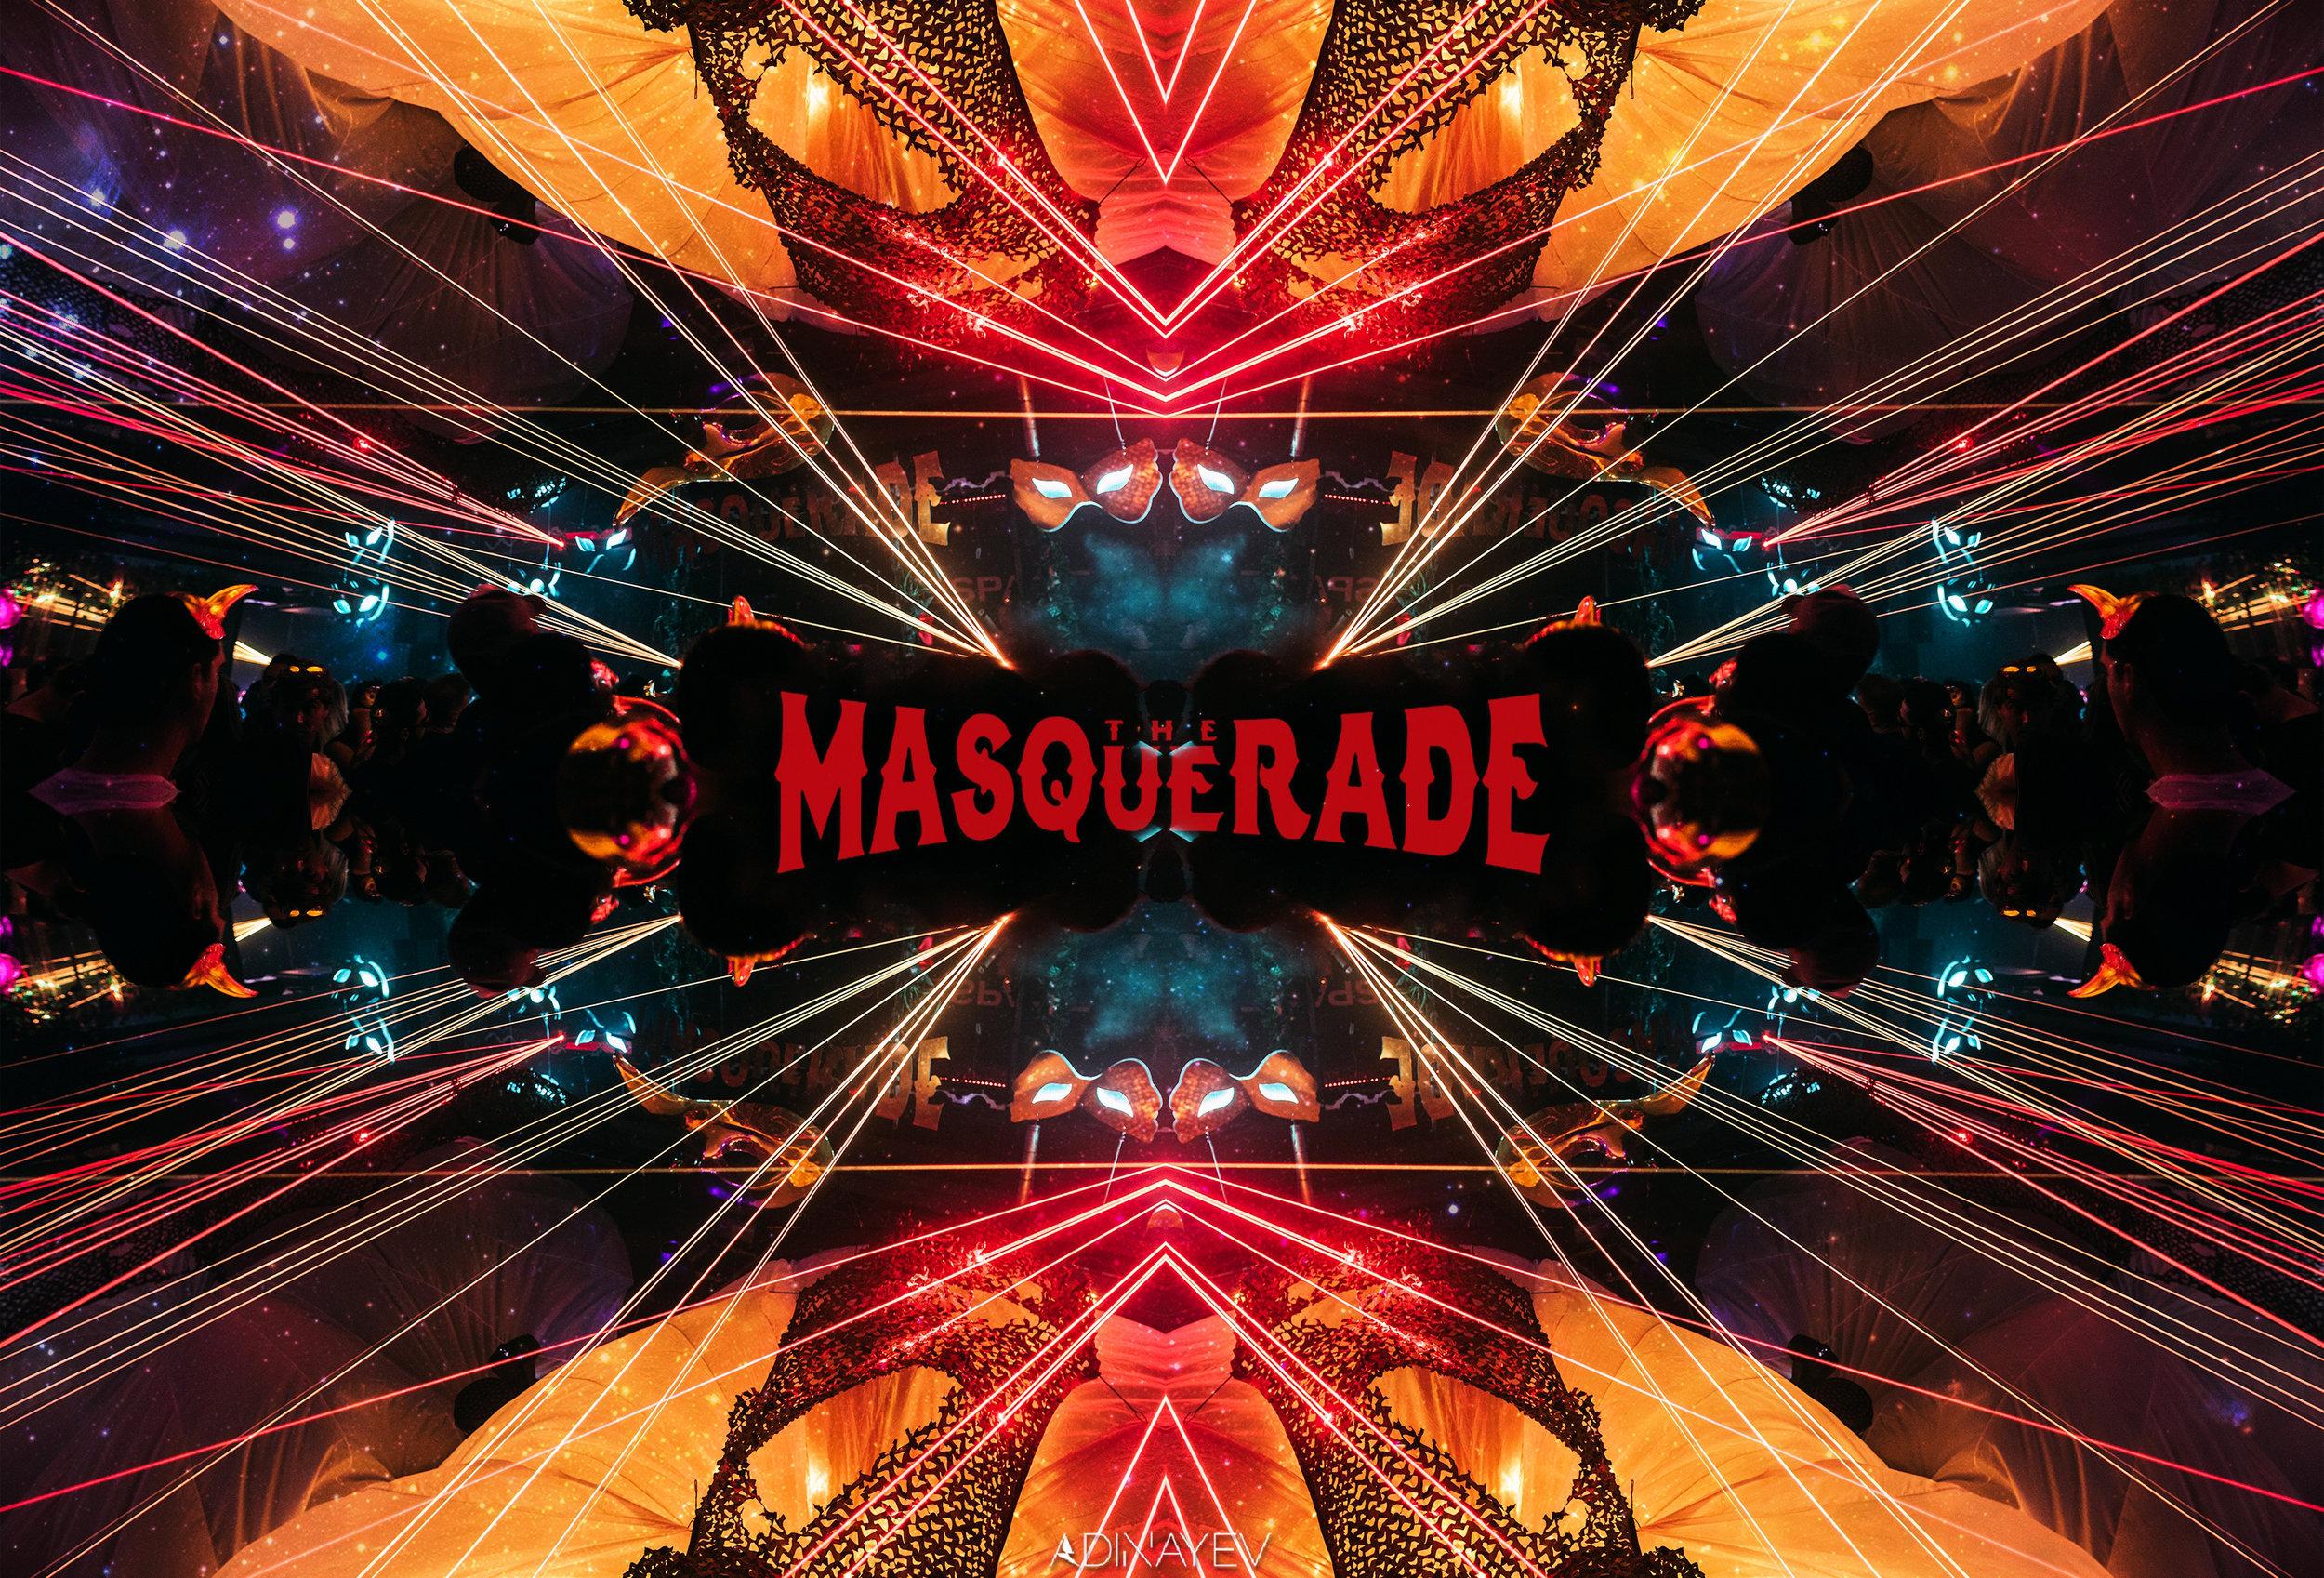 Masquerade / MMW 2017 / March 22